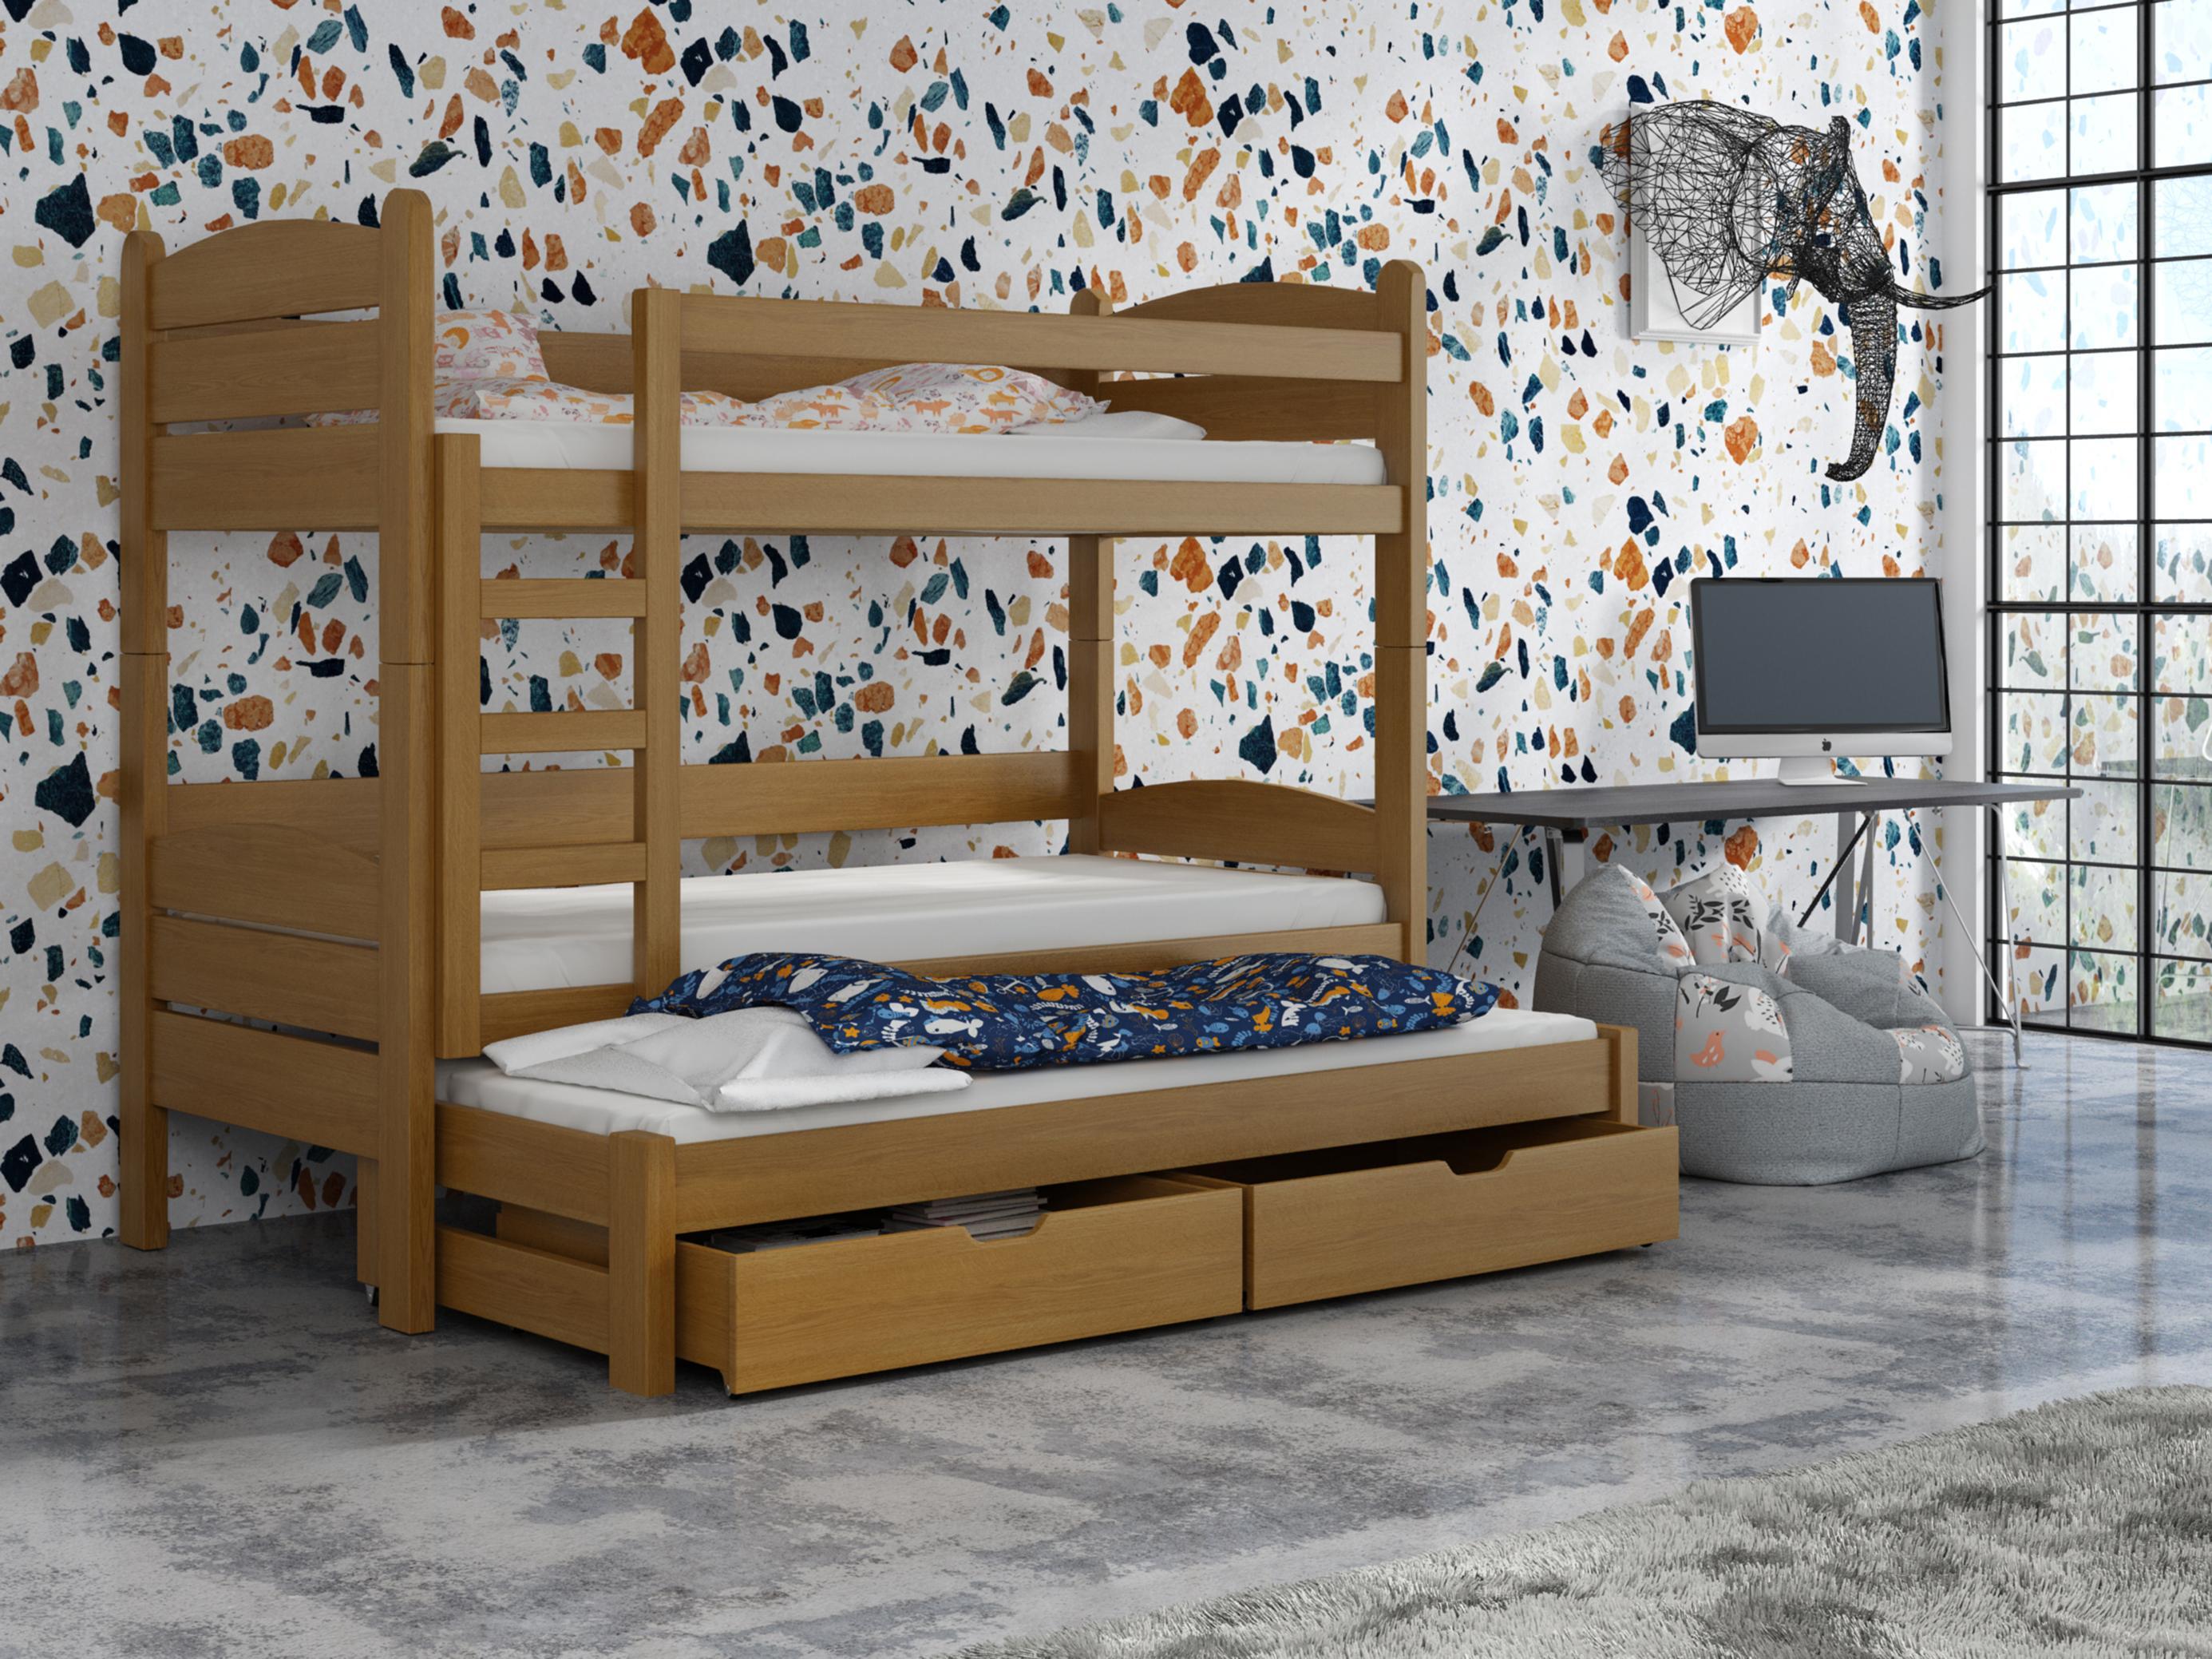 Dětská patrová postel 90 cm - Celsa (dub)